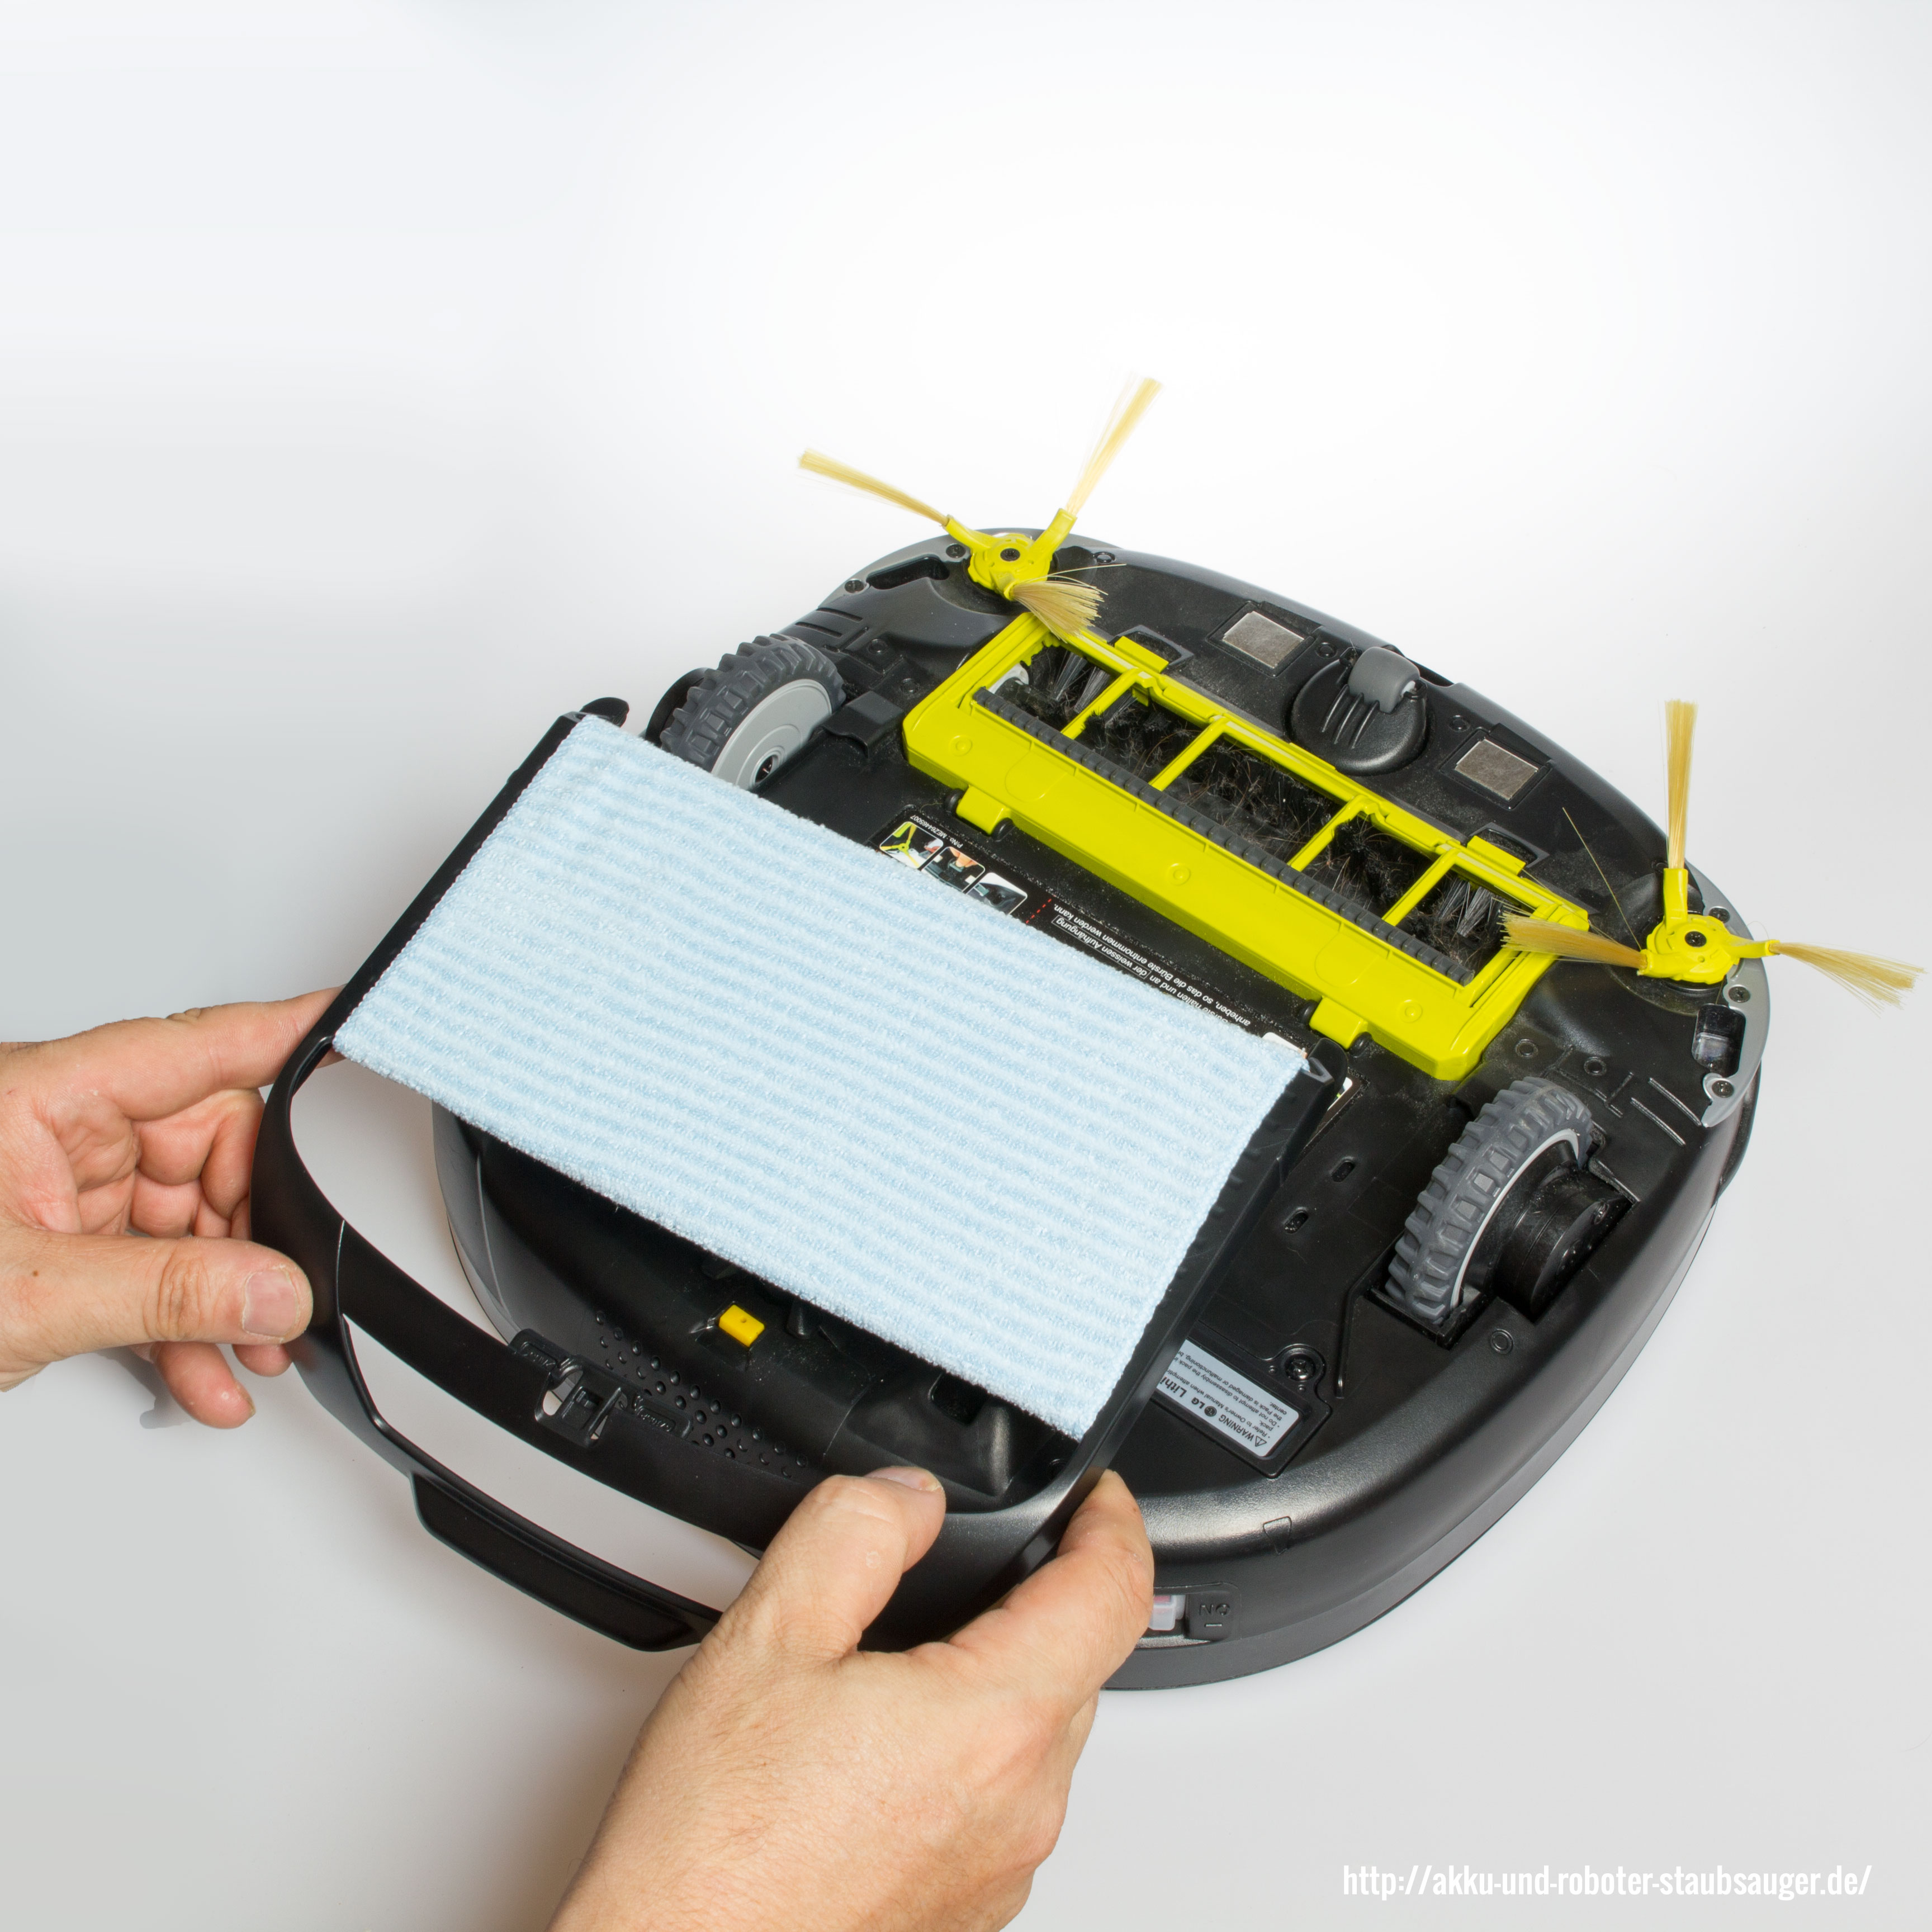 hombot lg vr6270lvmb mop aufsatz akku und roboter staubsauger. Black Bedroom Furniture Sets. Home Design Ideas